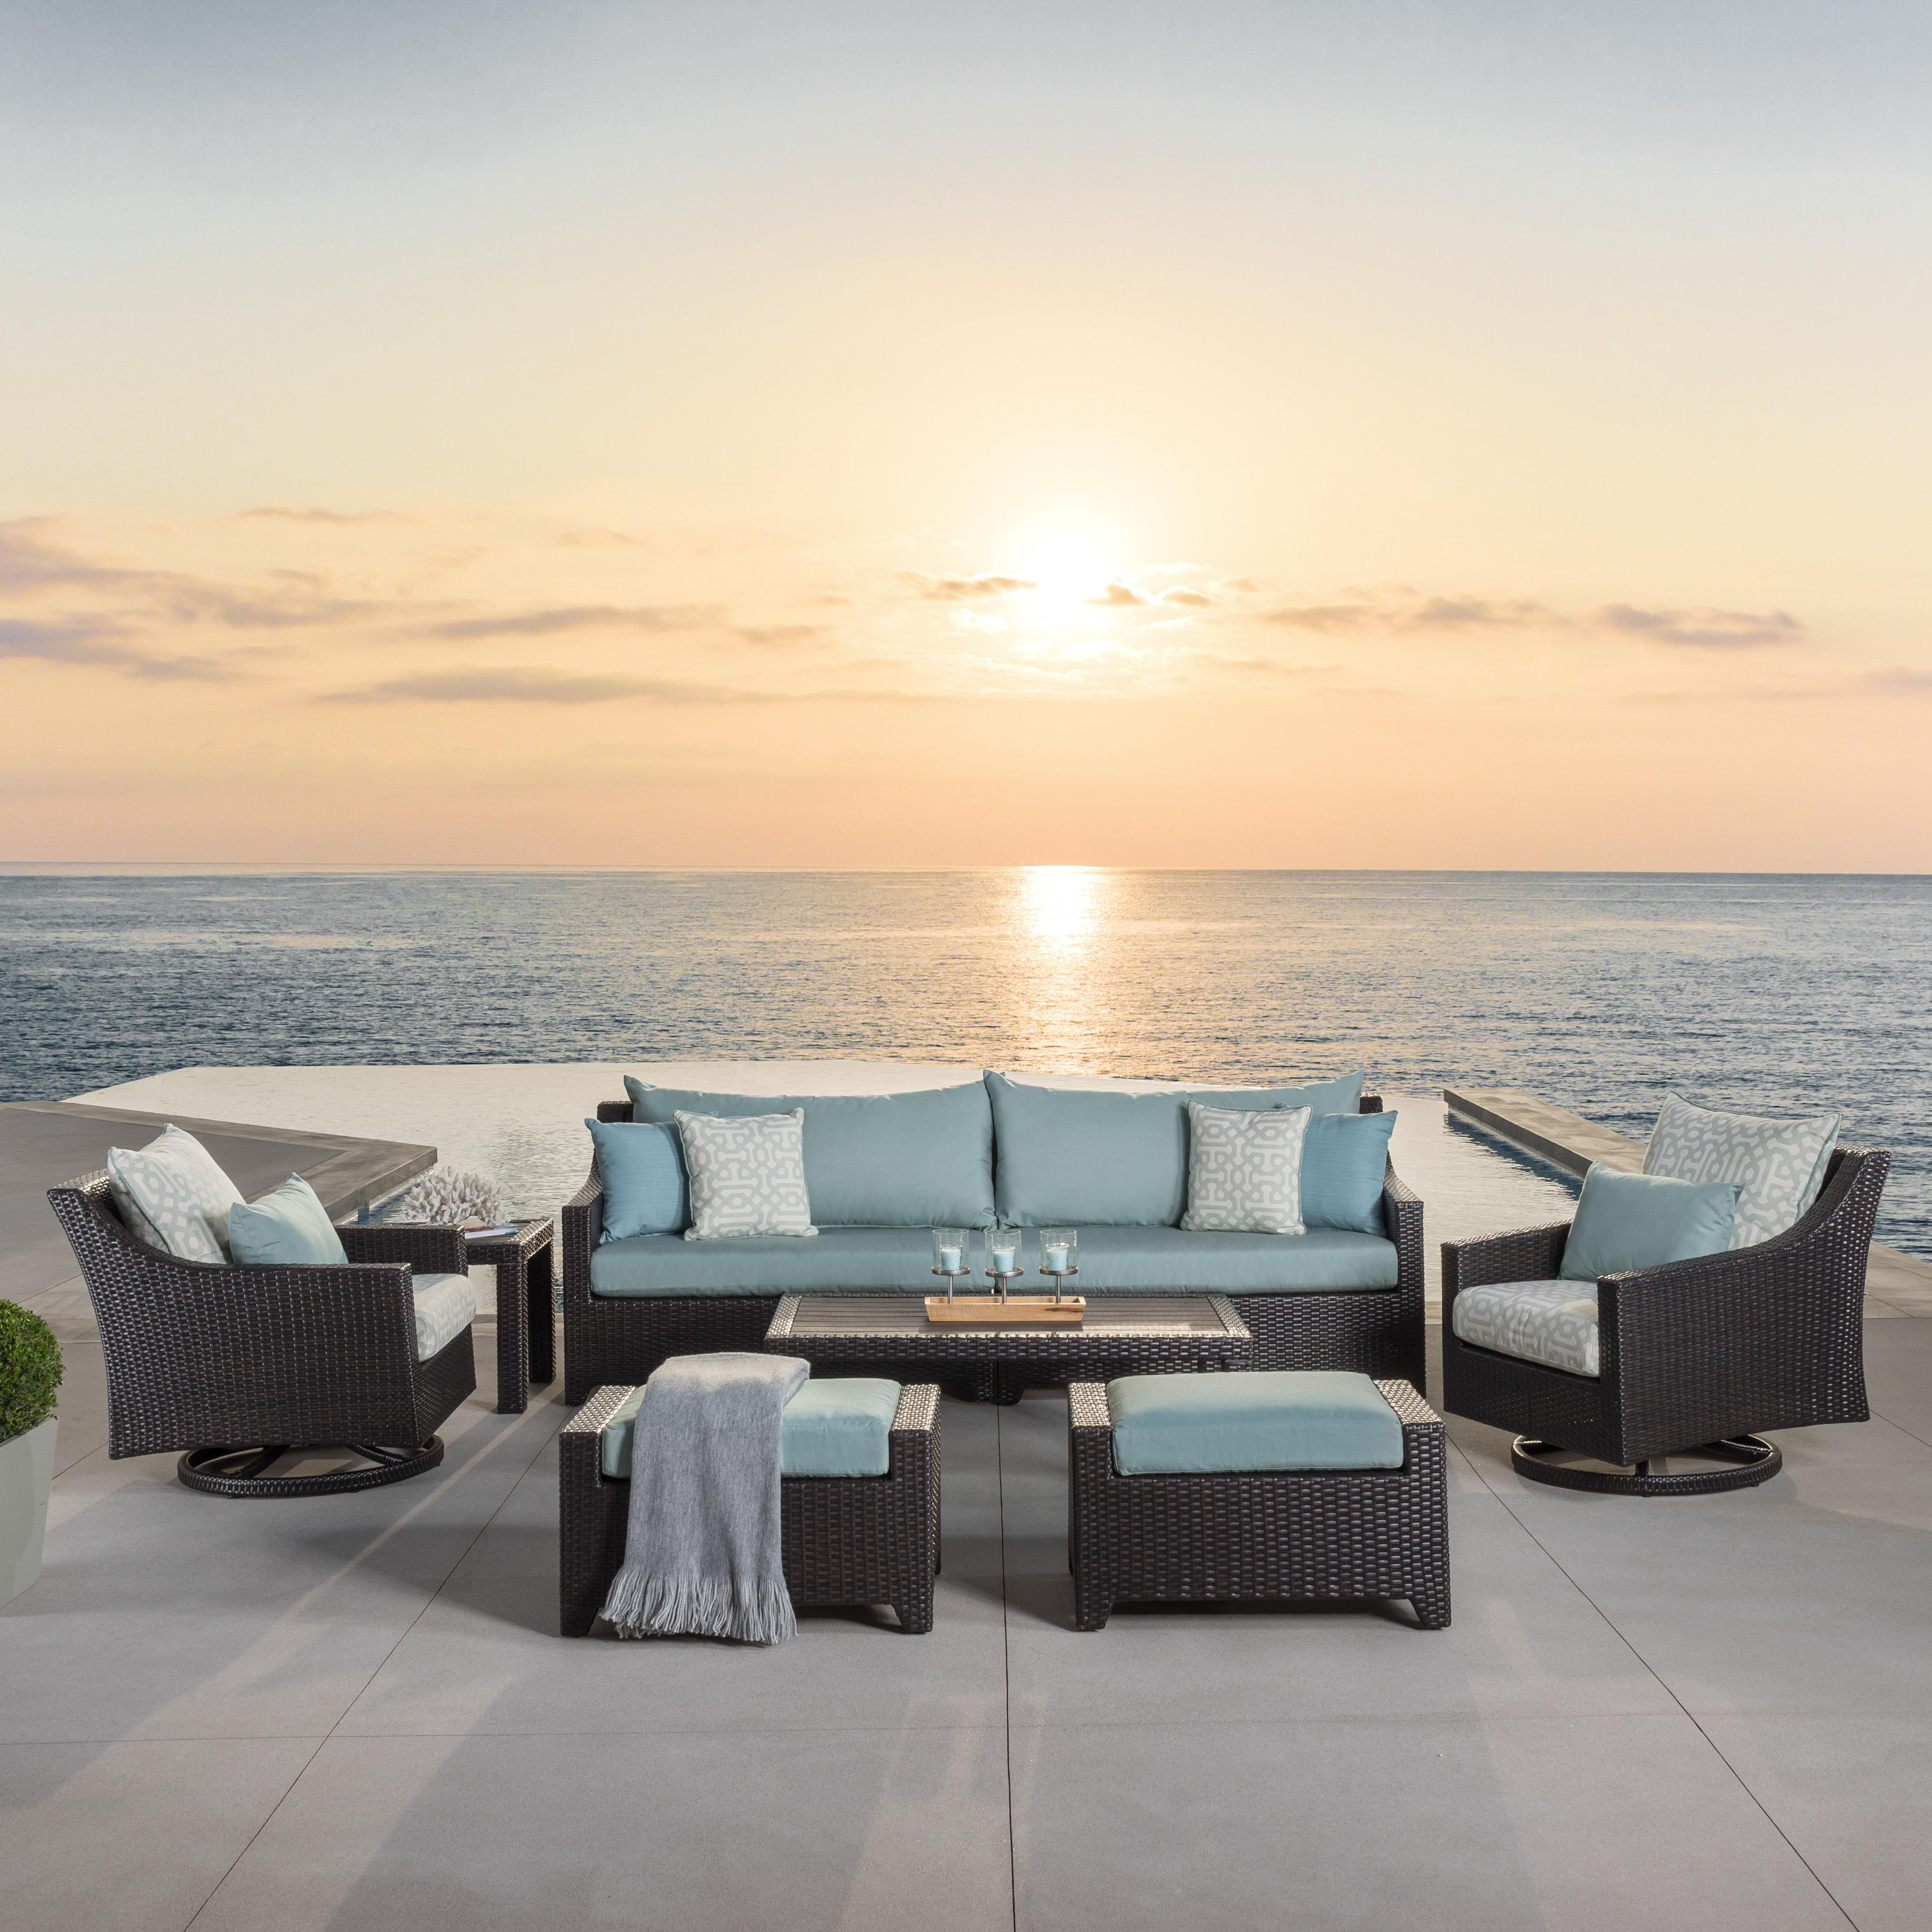 Merveilleux Three Posts Northridge 8 Piece Sofa Set With Cushions U0026 Reviews | Wayfair